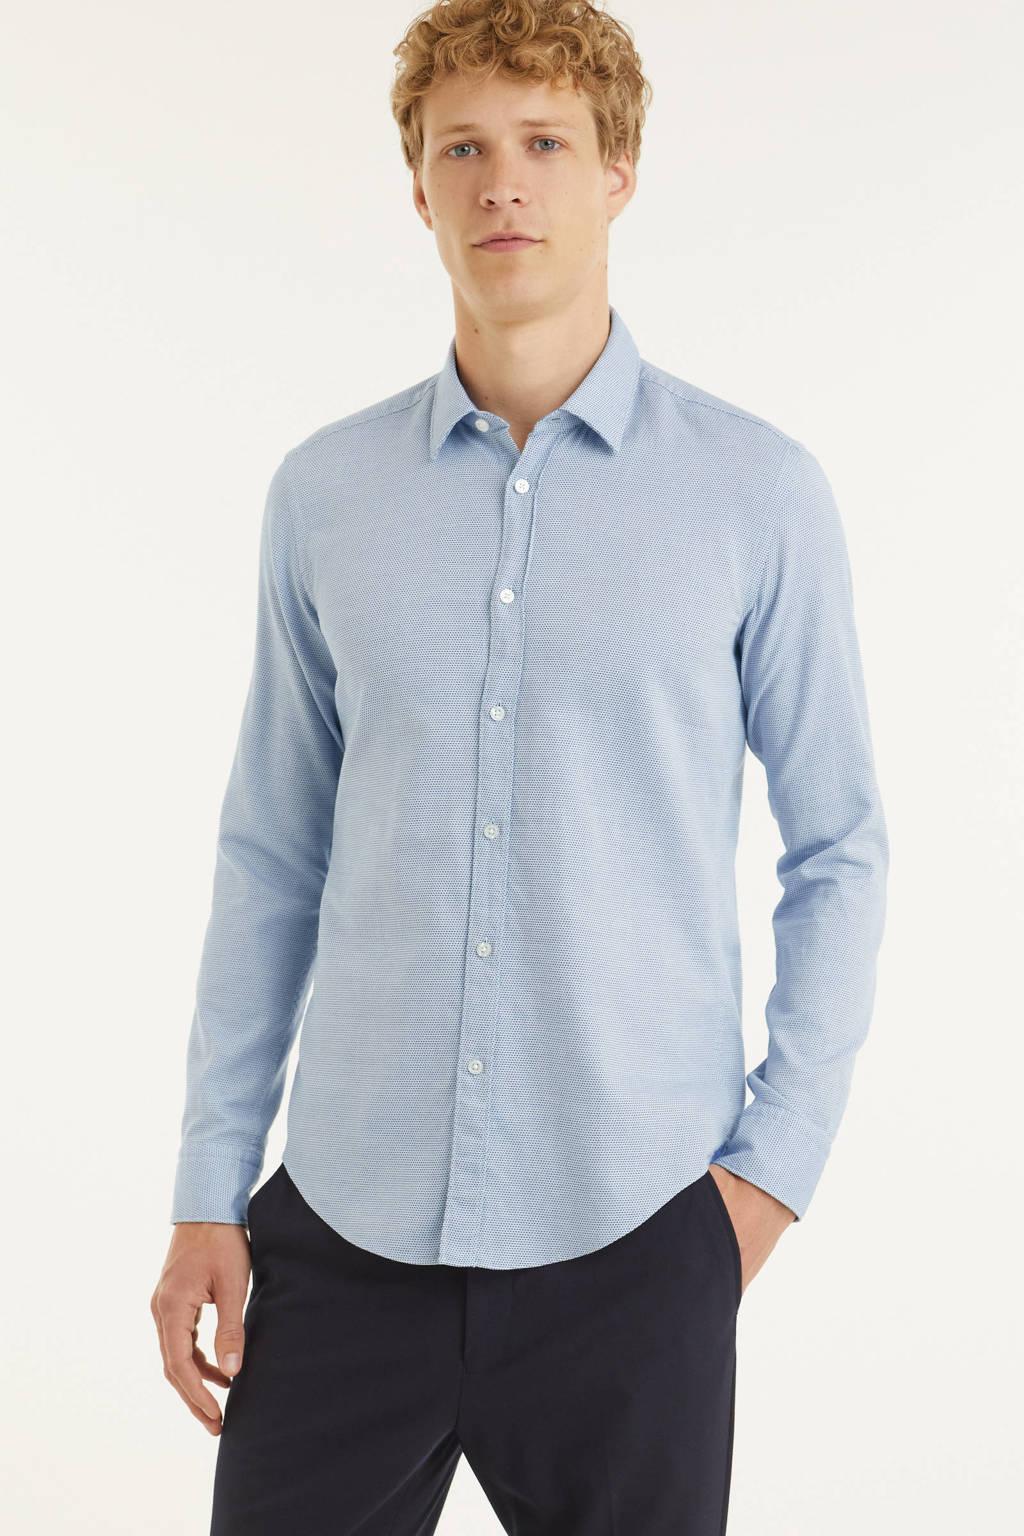 BOSS Menswear slim fit overhemd Ronni_53 lichtblauw, Lichtblauw